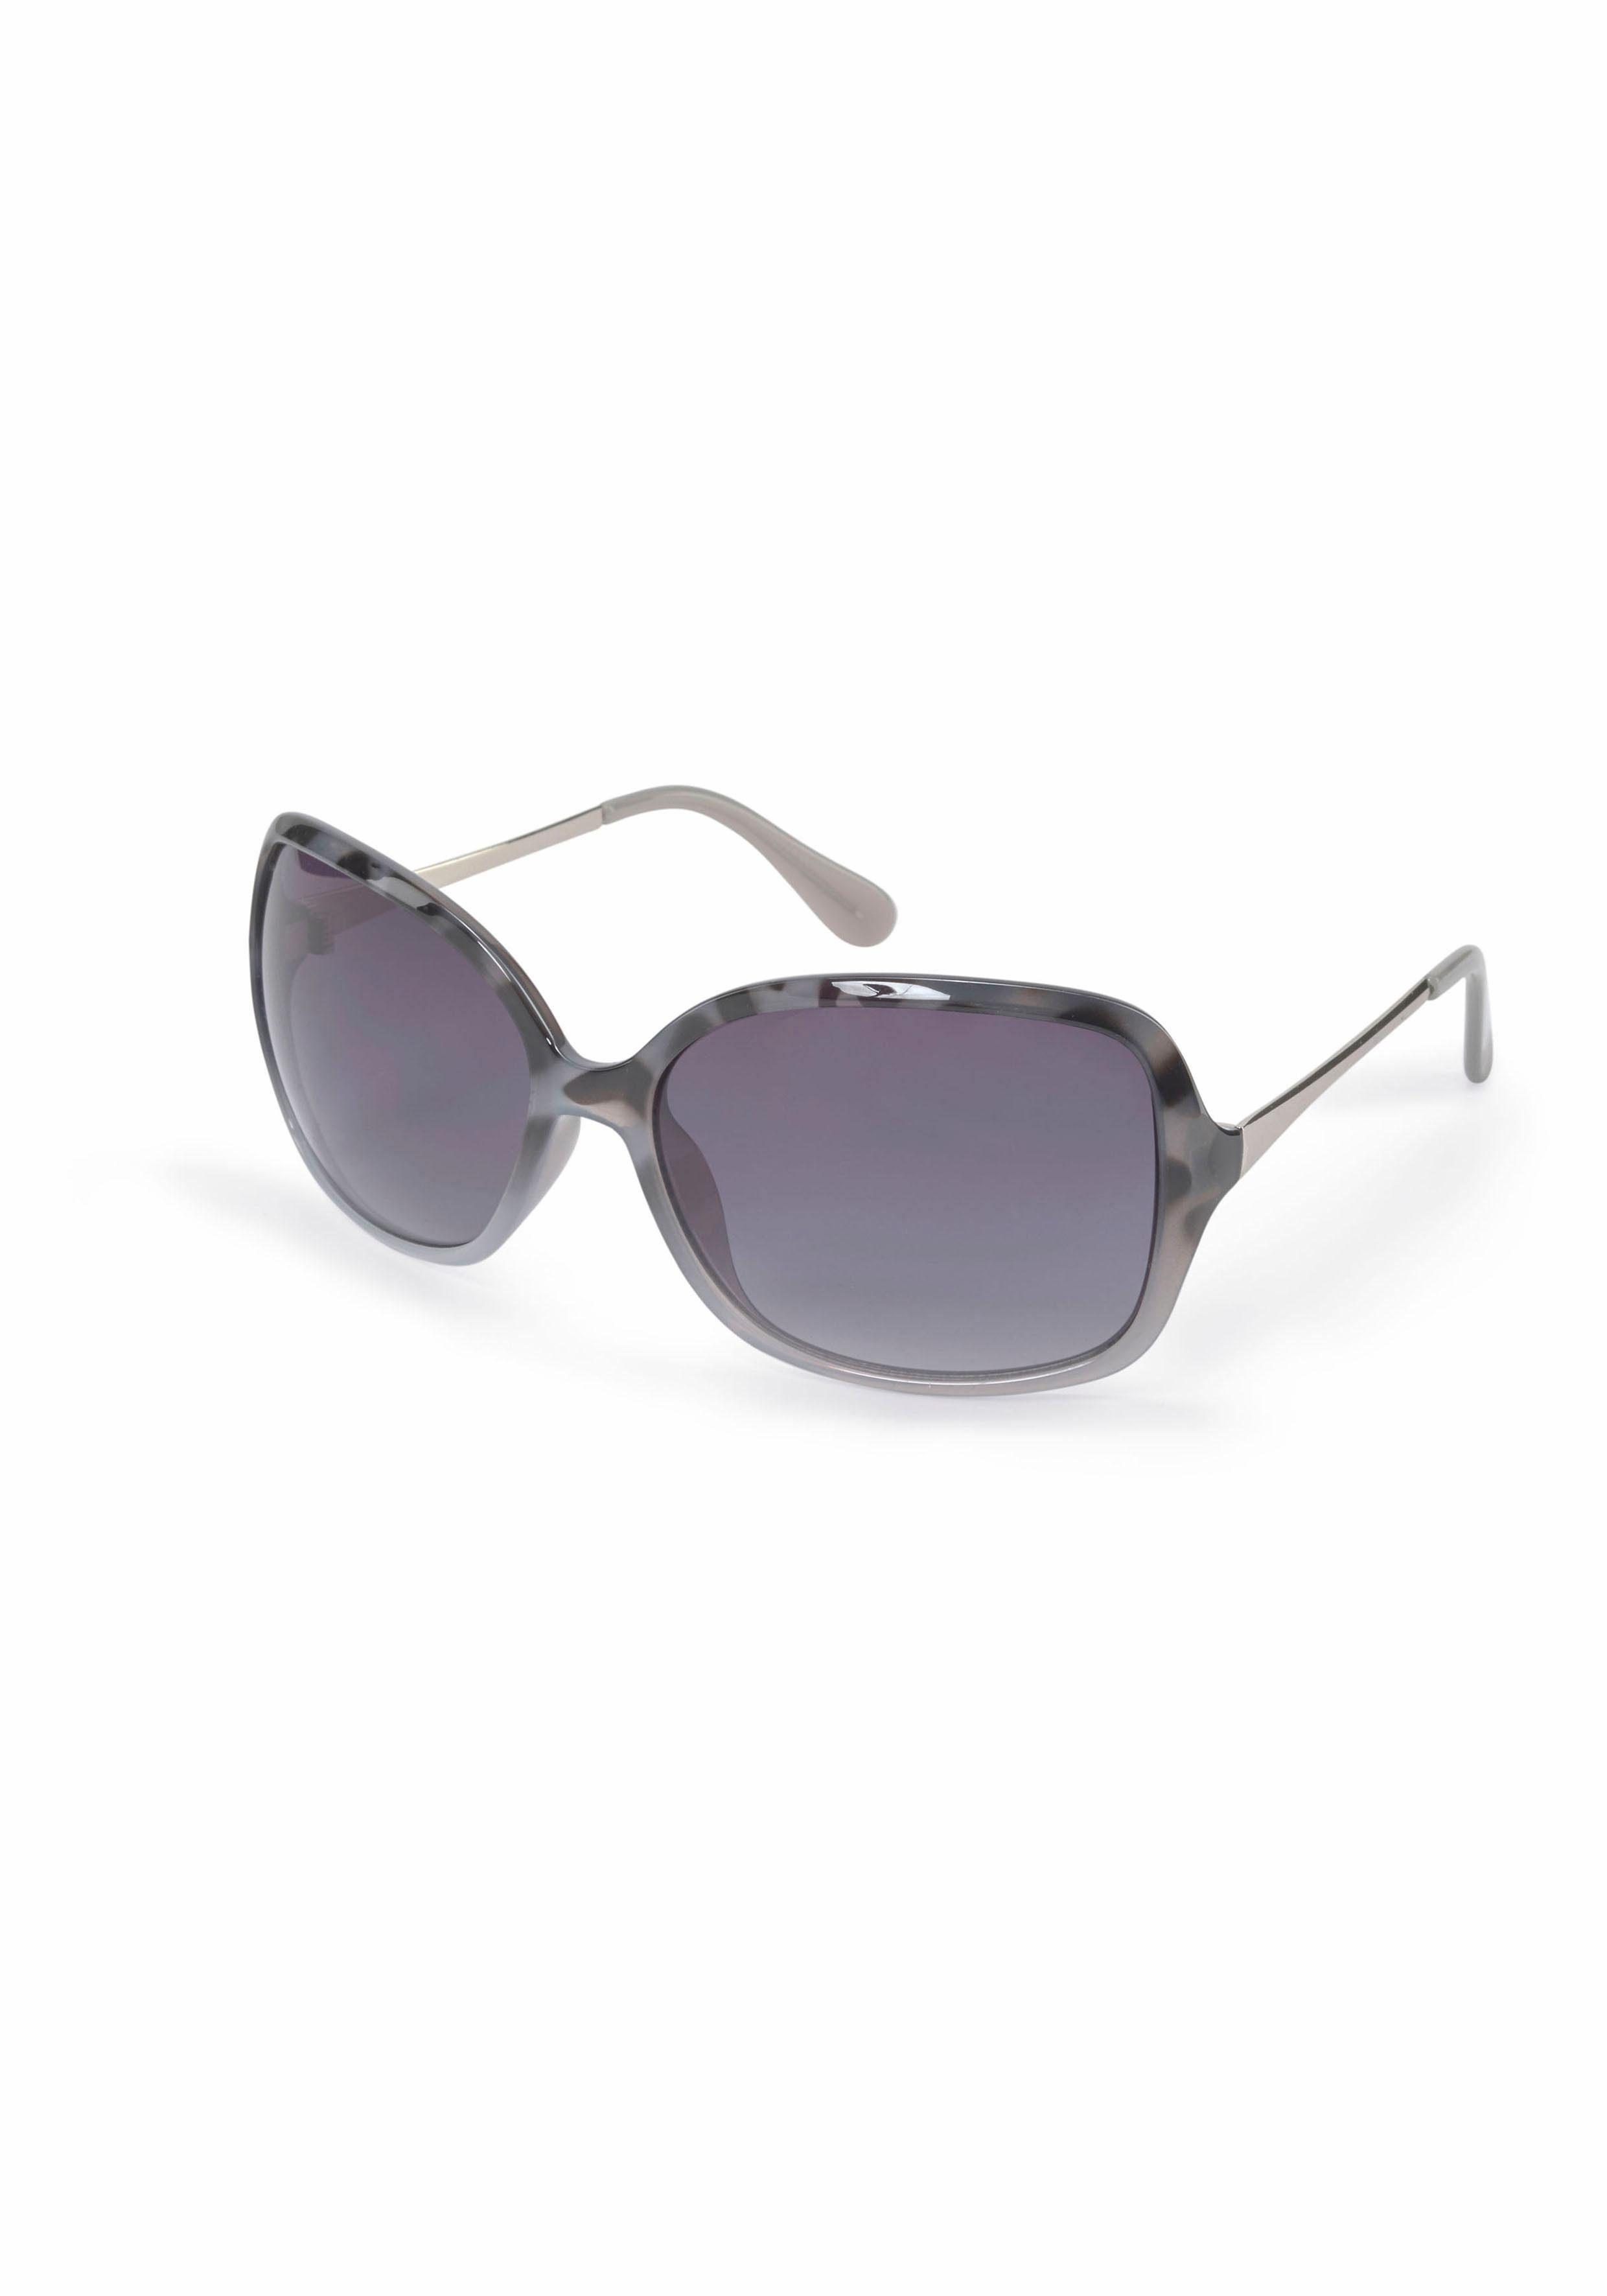 Sonnenbrille, im modischen Design